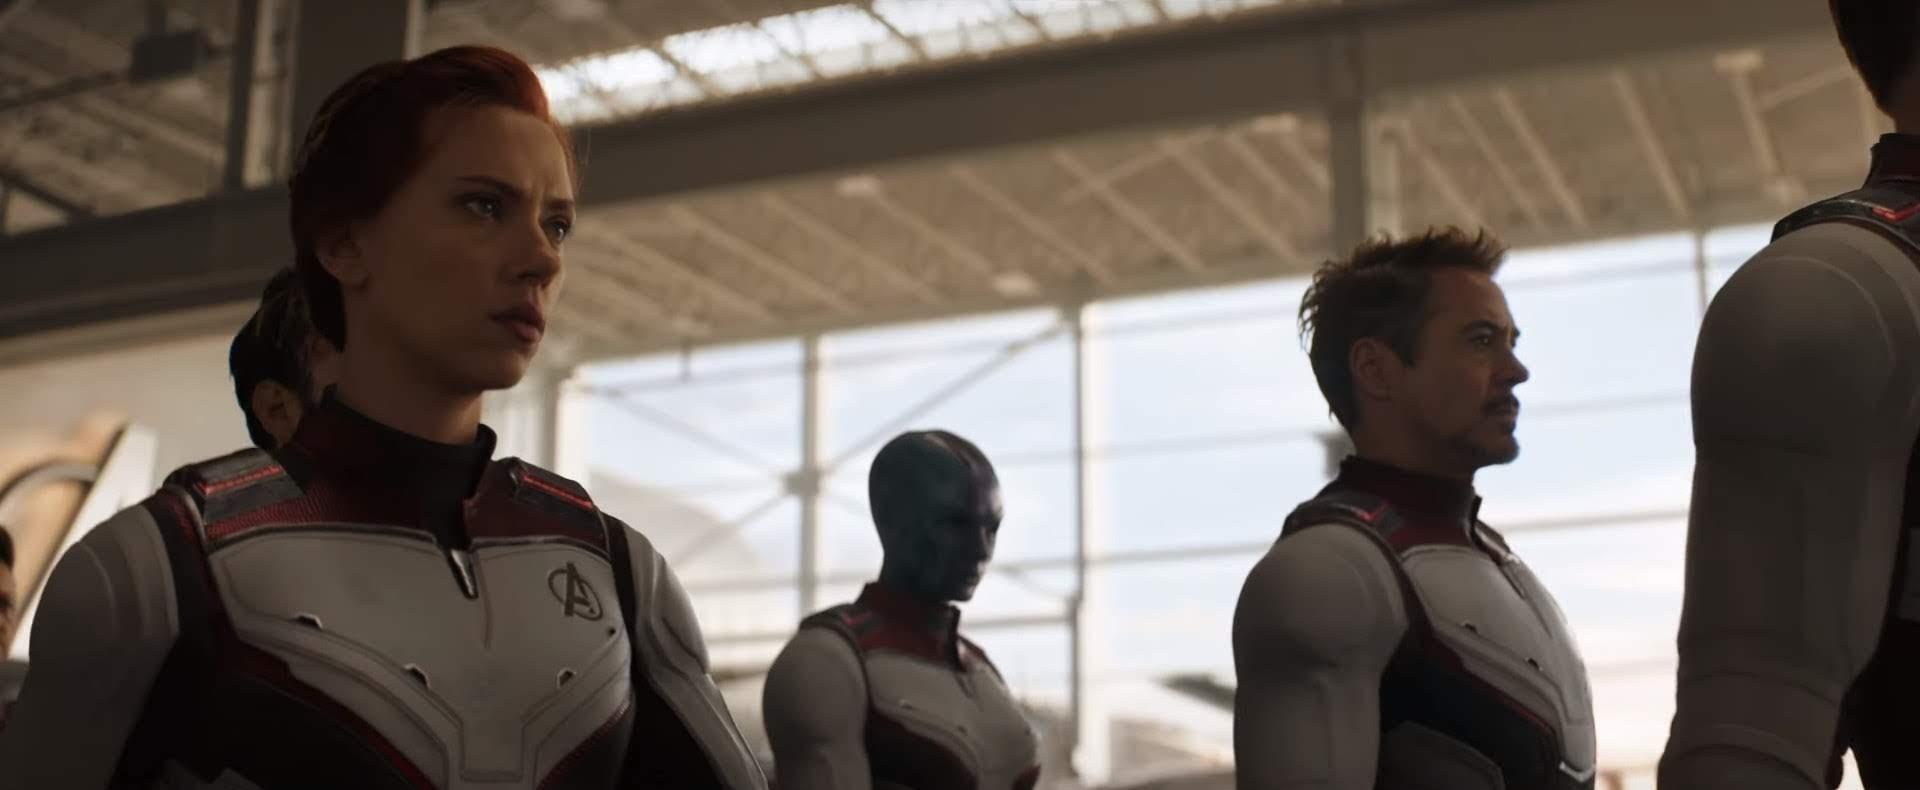 Avengers Endgame : コミックヒーロー大集合映画のクライマックス「アベンジャーズ : エンドゲーム」の予告編のナタクリたちは、思いがけない場所にいる ! ! という指摘 ! !